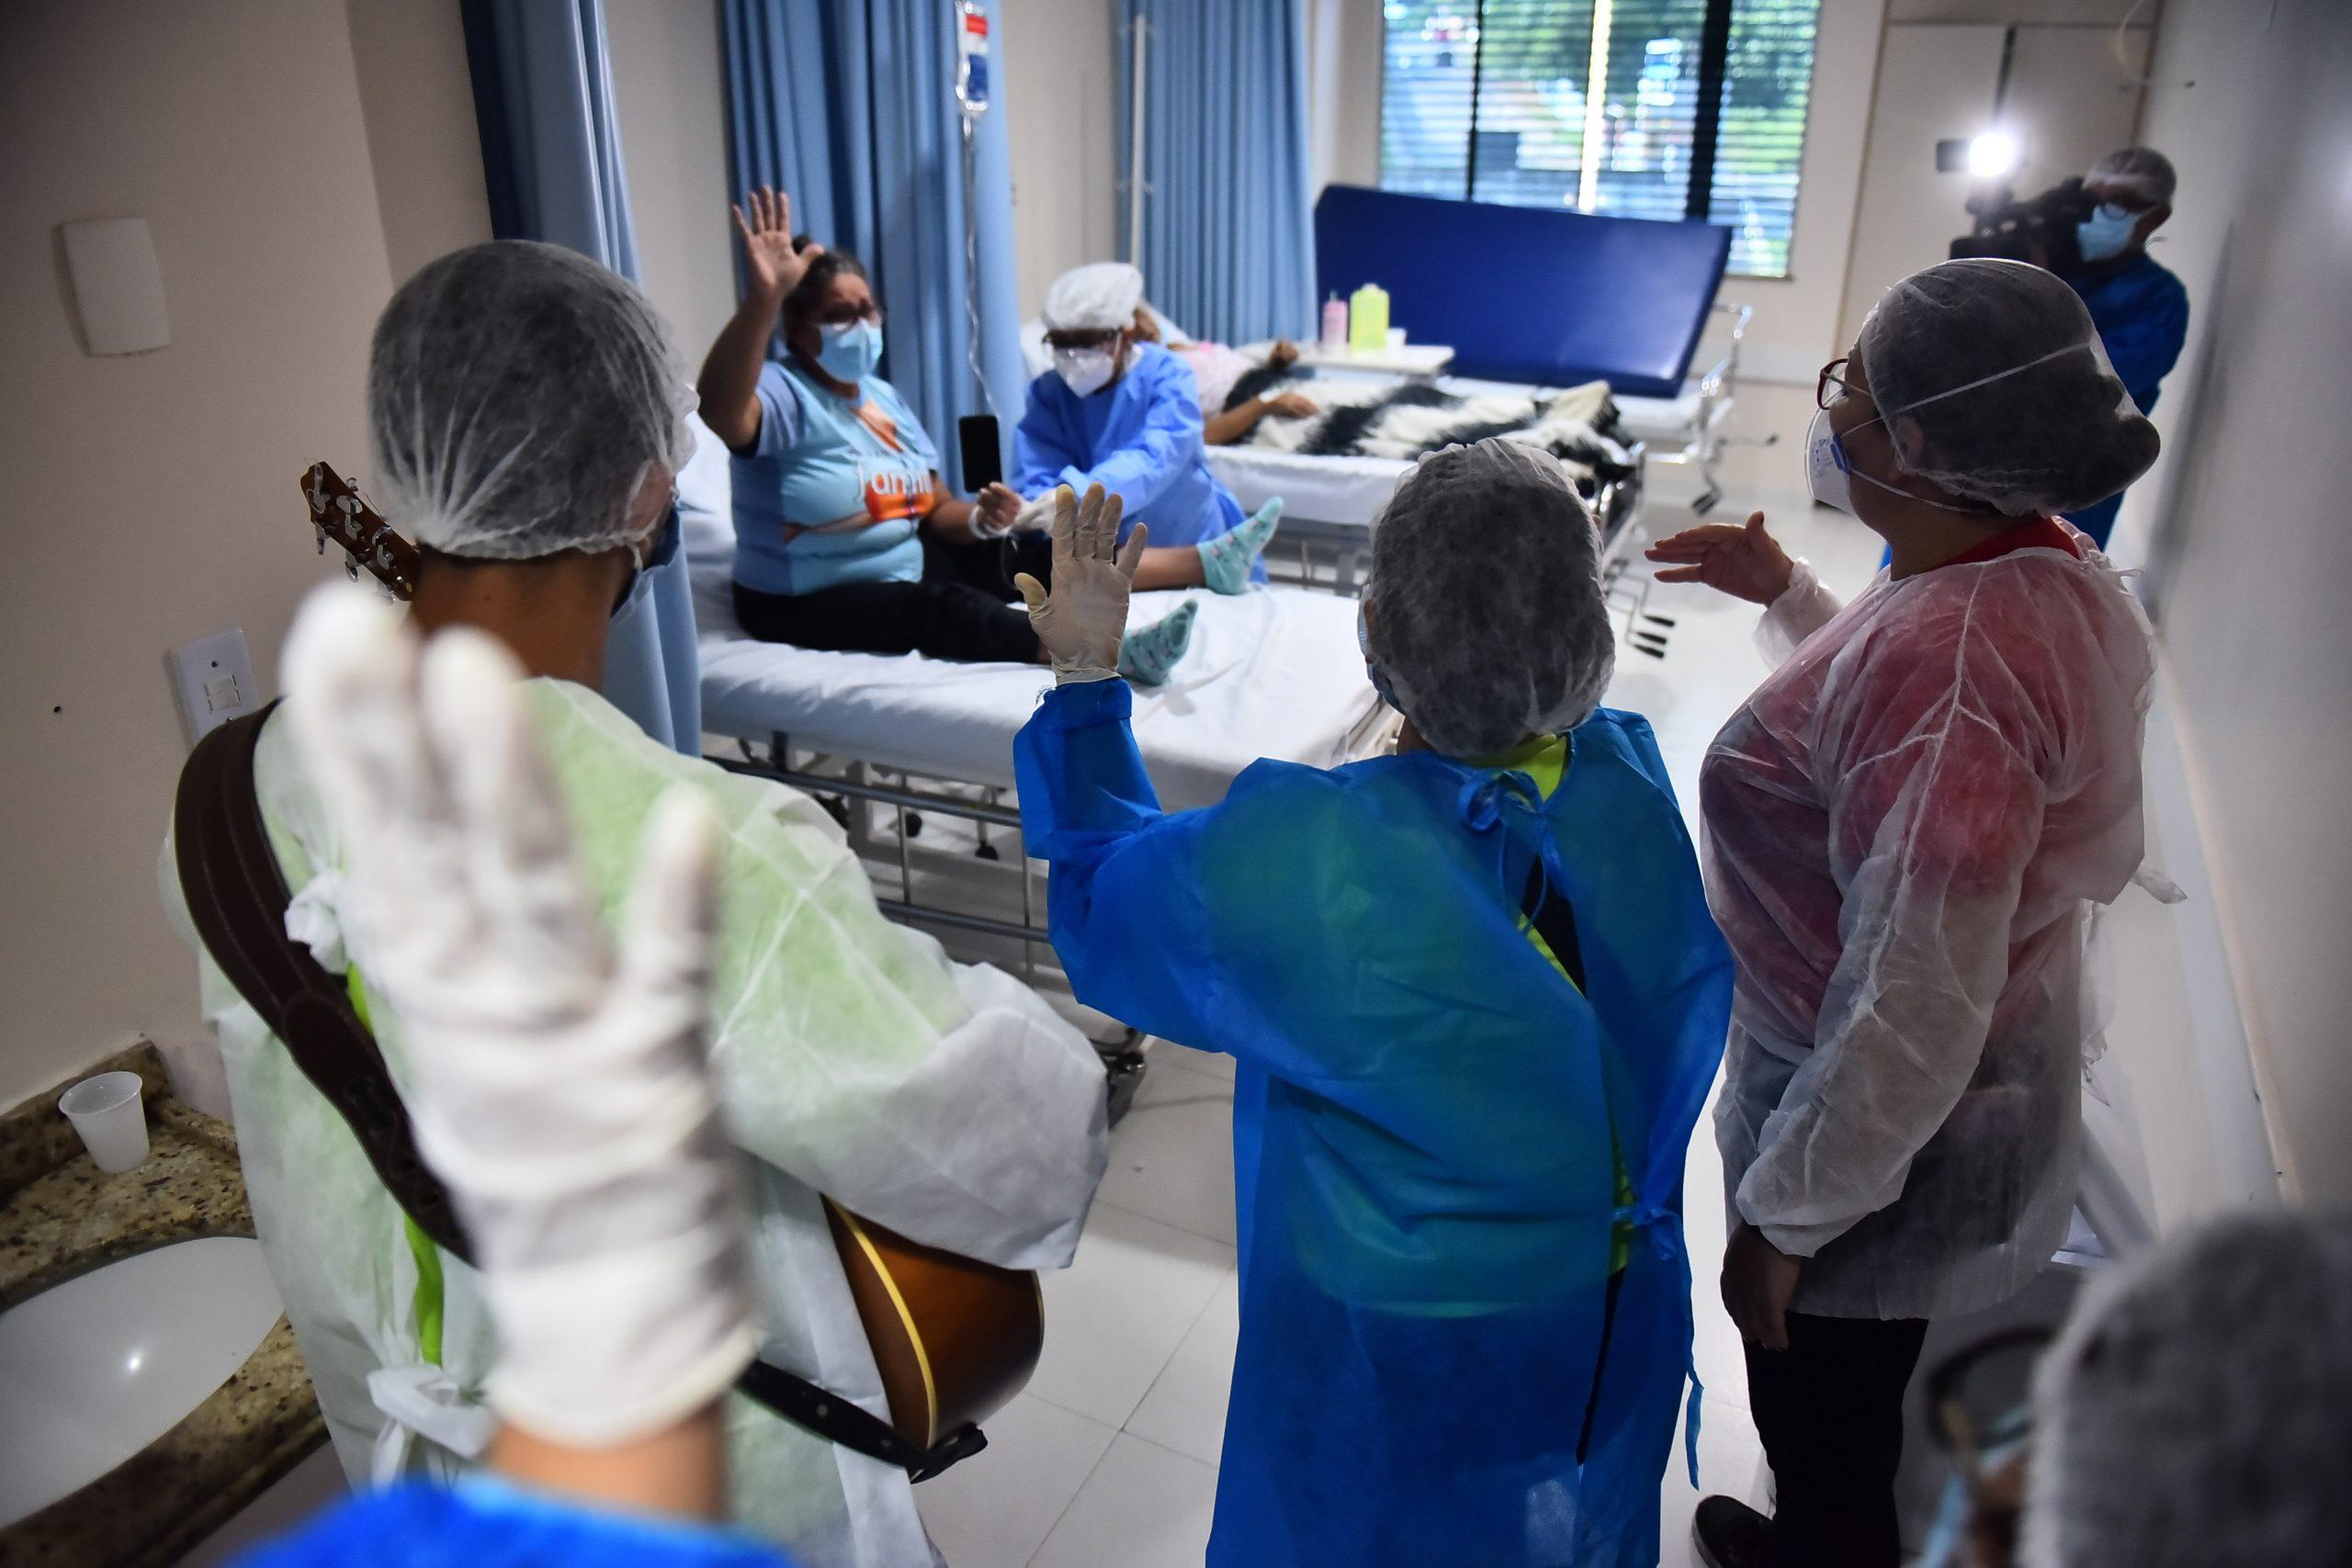 Hospital de Combate à Covid-19amplia serviço psicossocial e inaugura atendimento 'beira leito' para pacientes